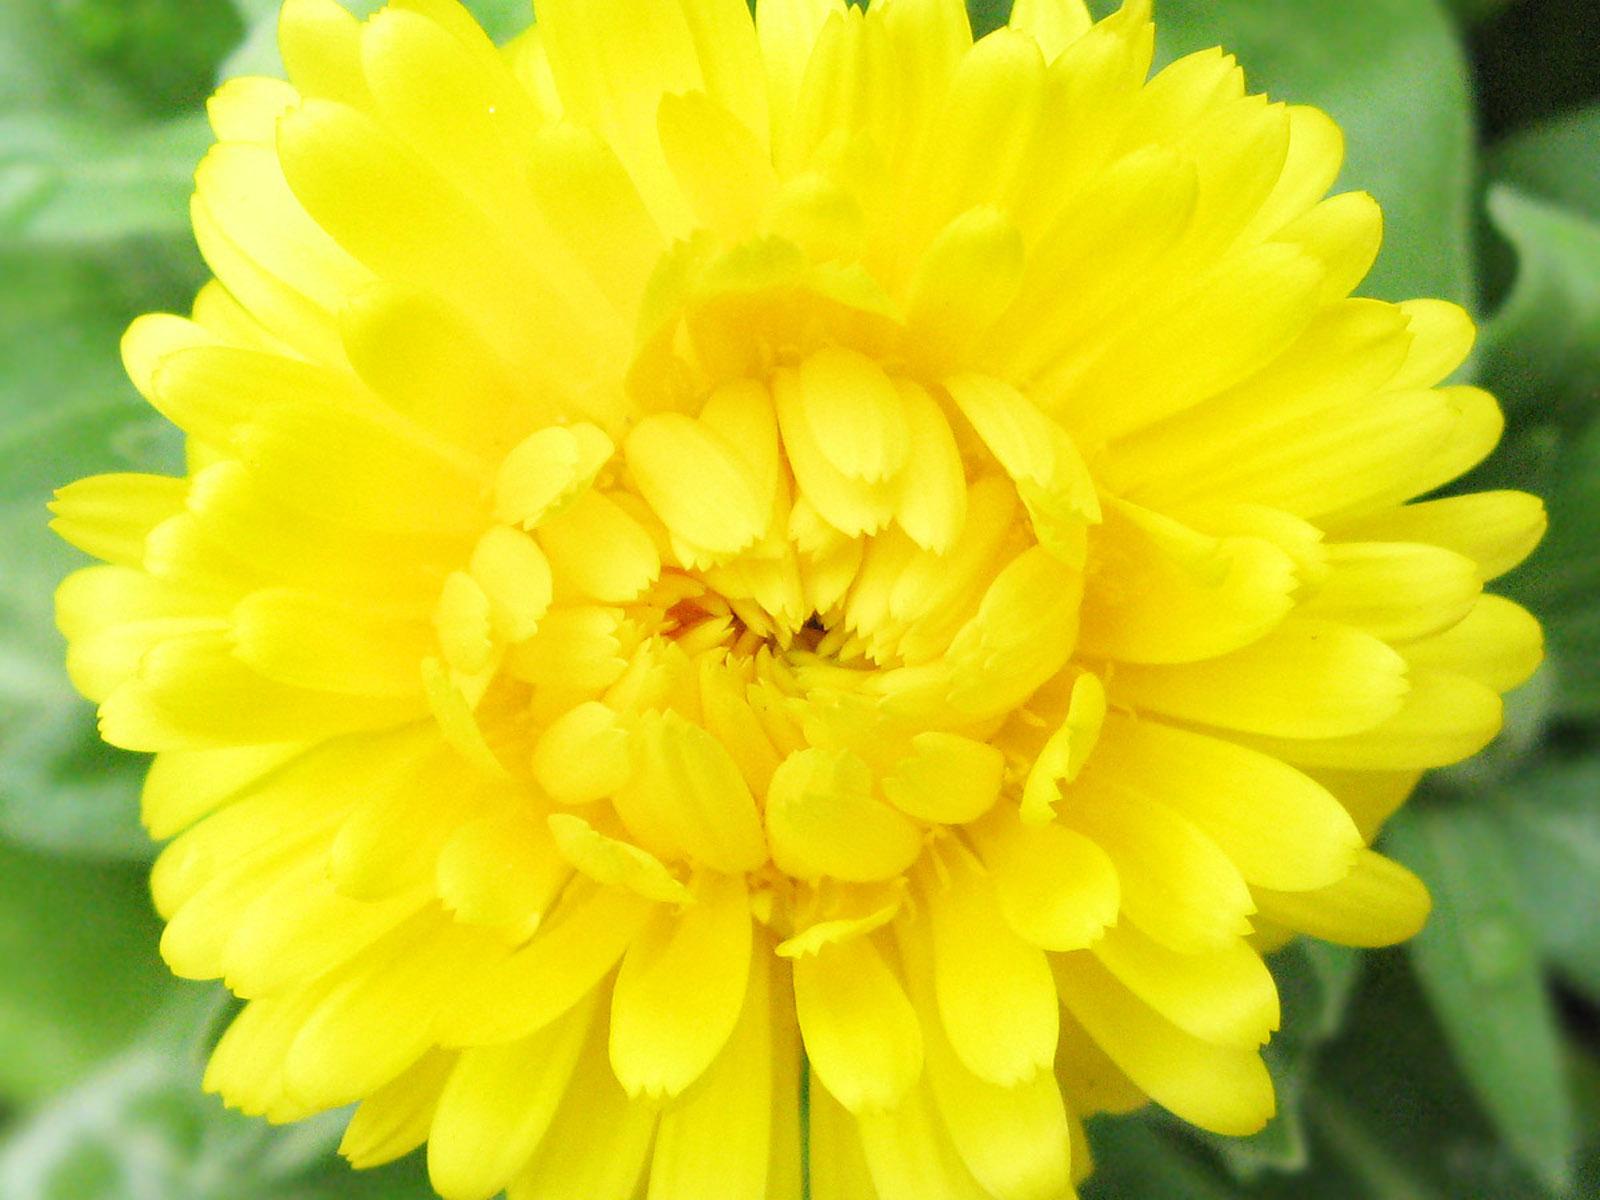 Yellow flowers 156 hd wallpaper hdflowerwallpaper yellow flowers free wallpaper mightylinksfo